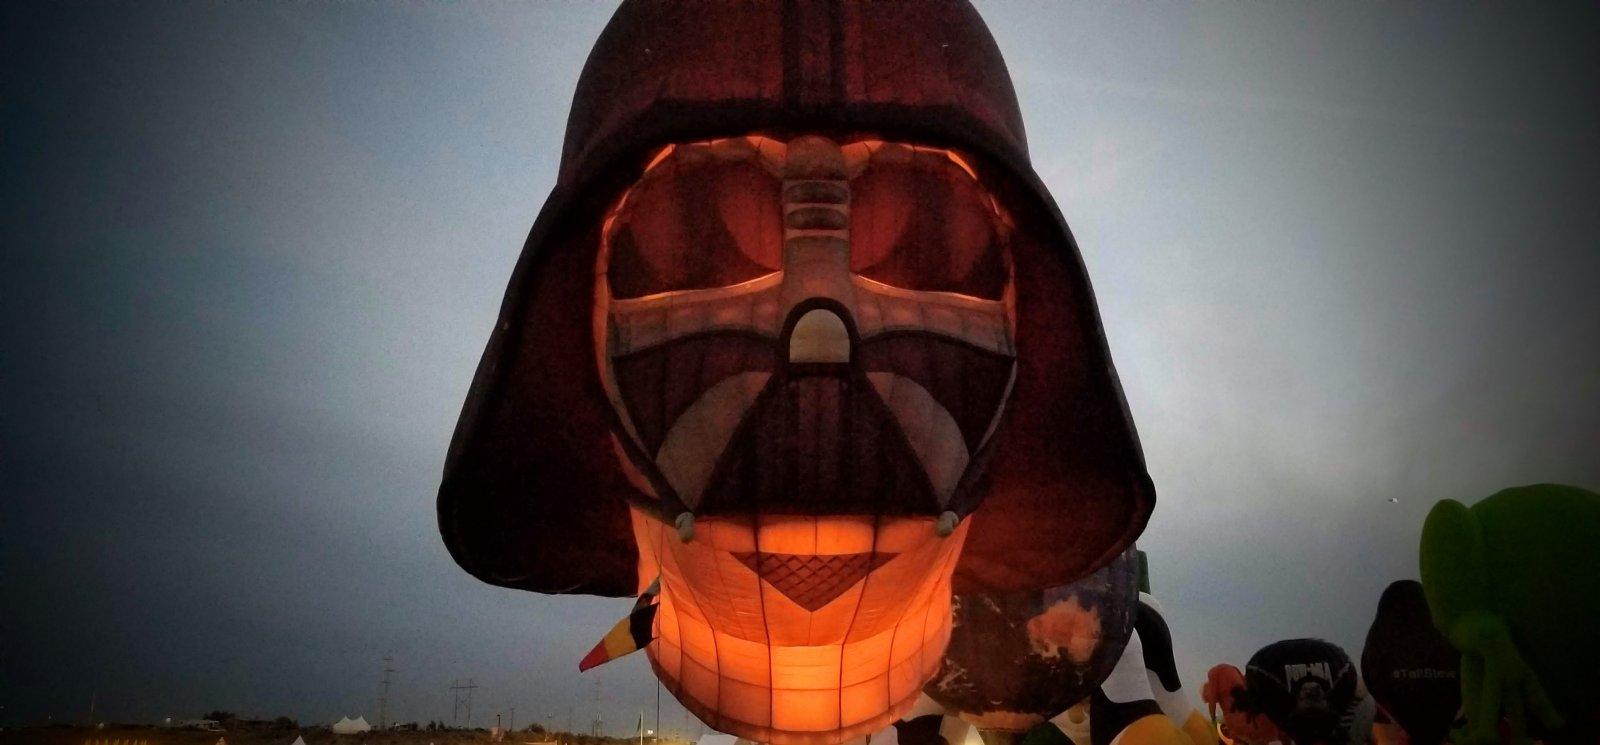 Livid Vader.jpg